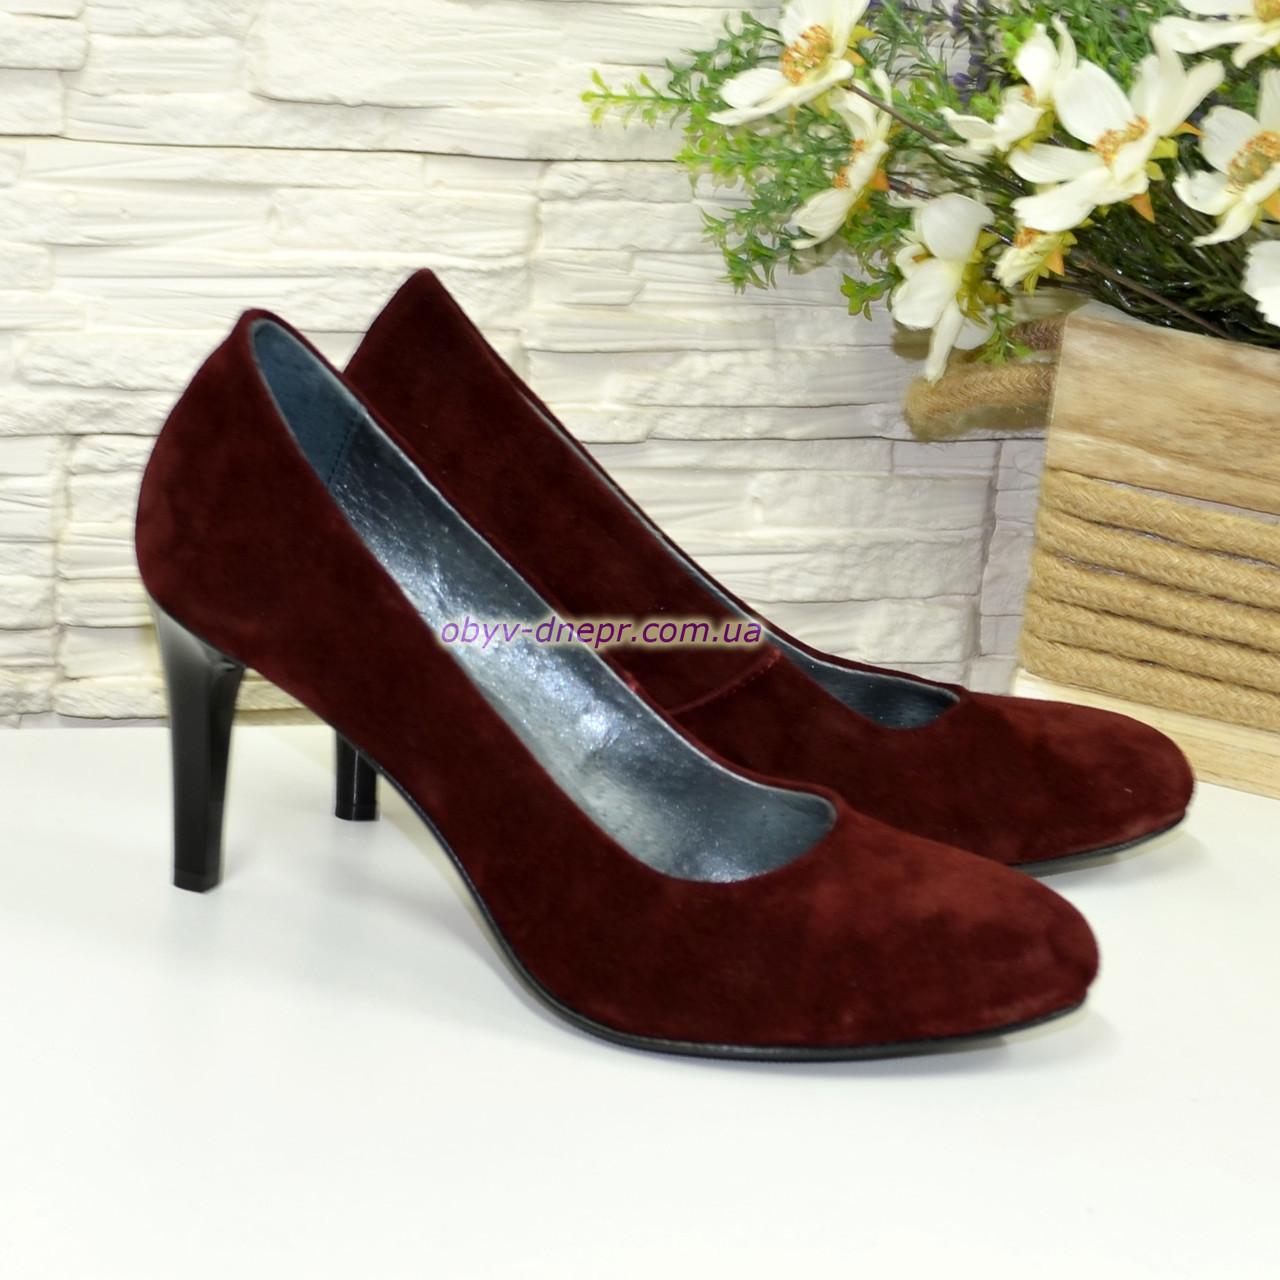 Туфли женские классические замшевые на шпильке! Цвет бордо